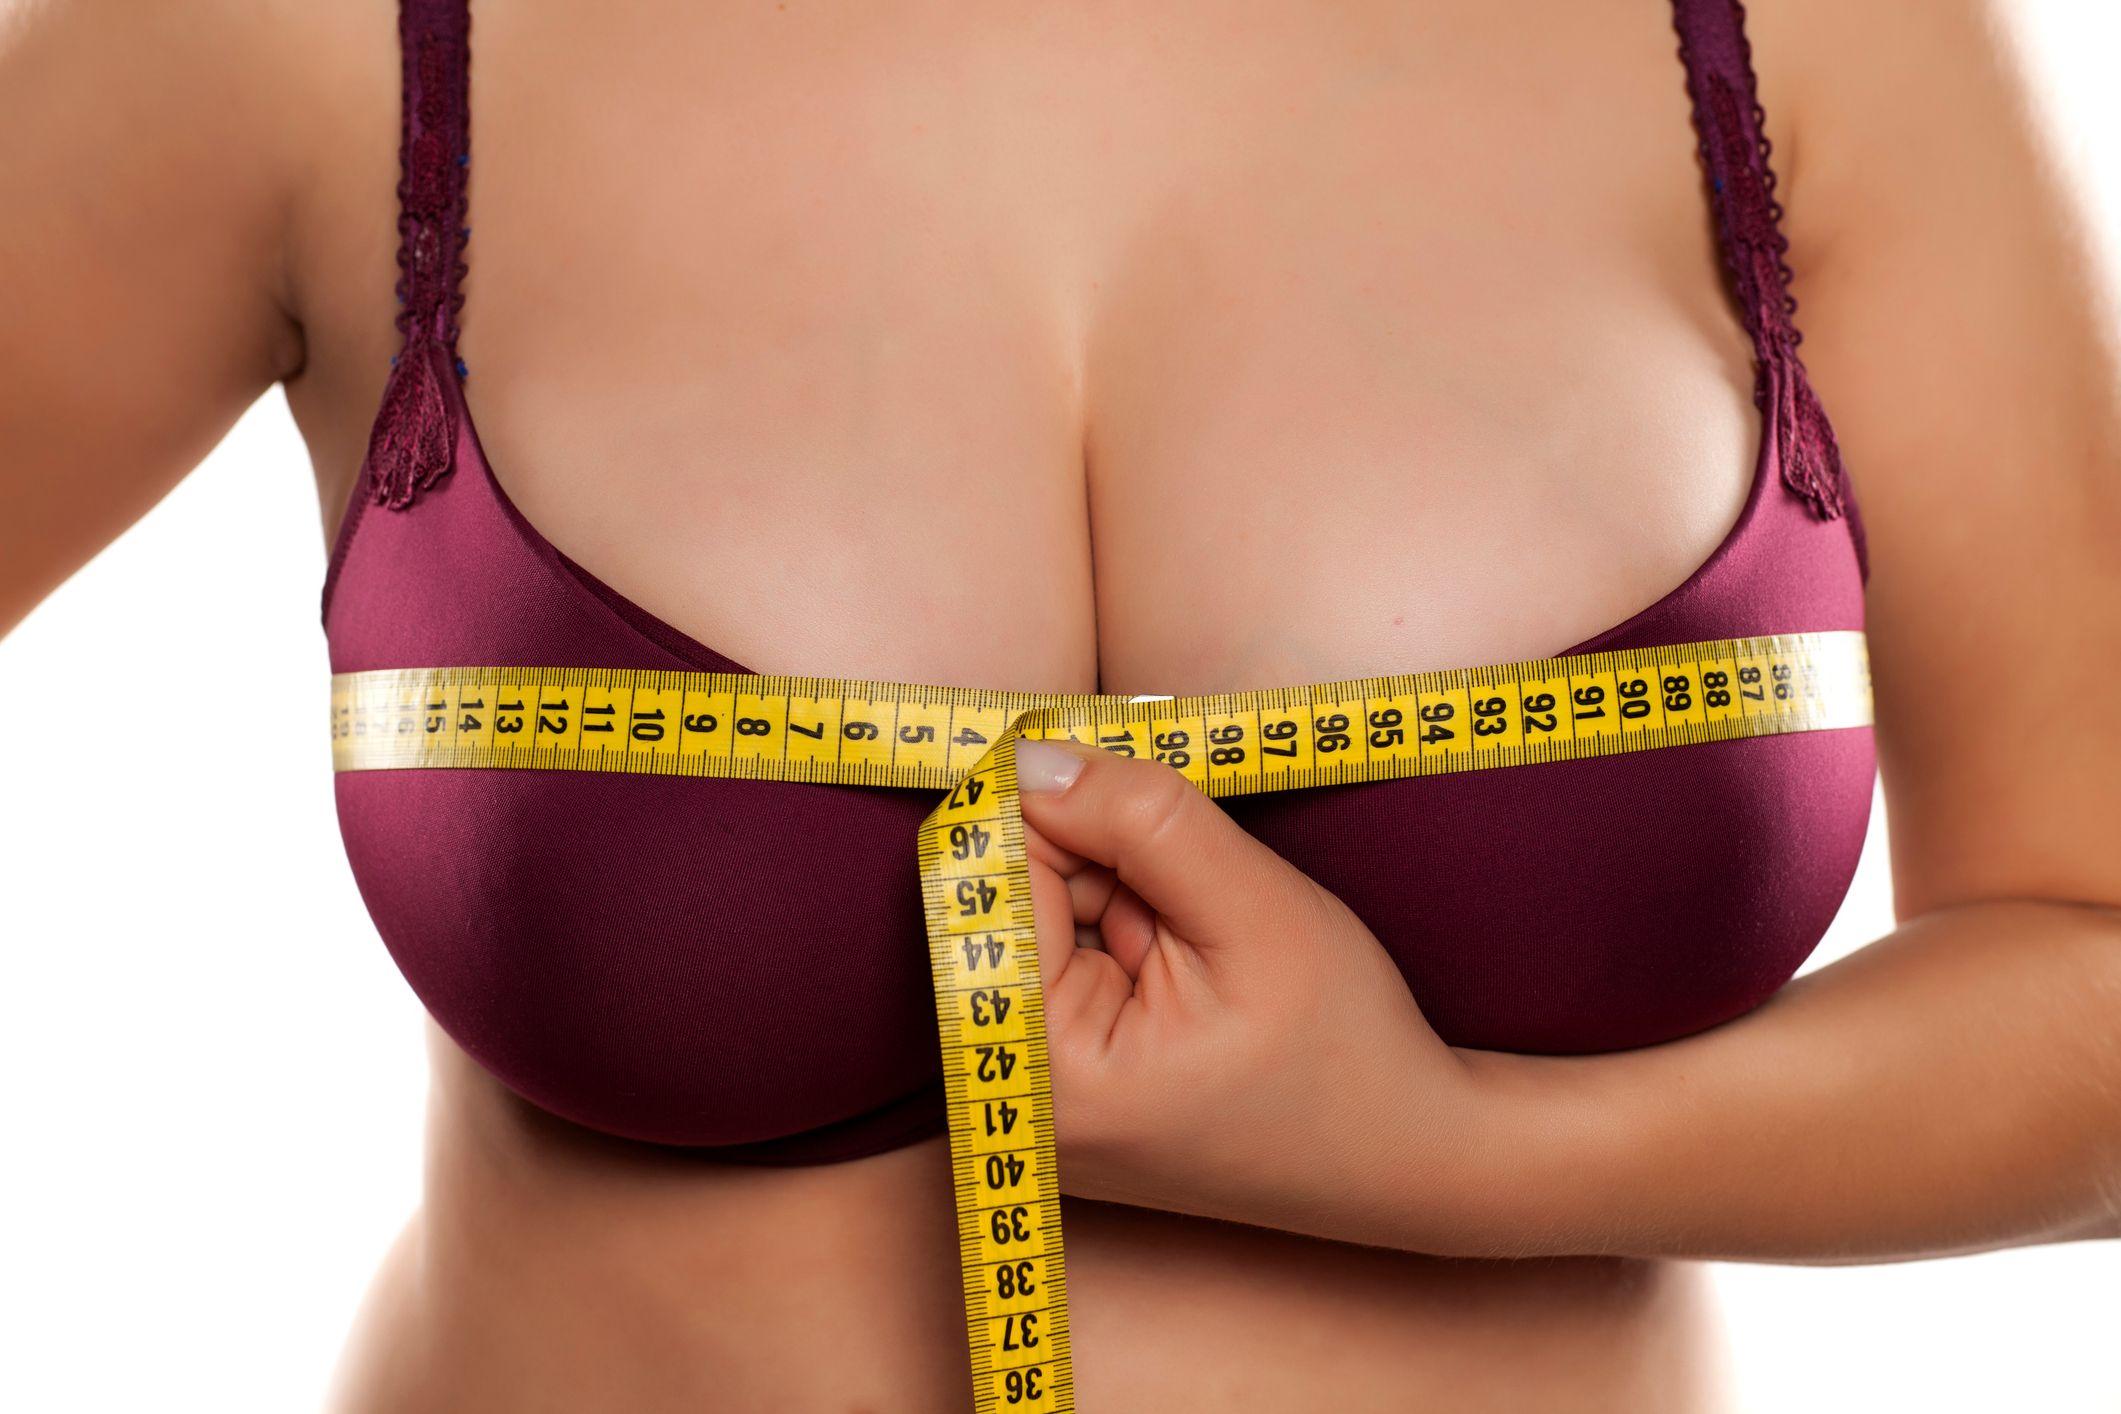 les seins peuvent-ils rétrécir si je perds du poids